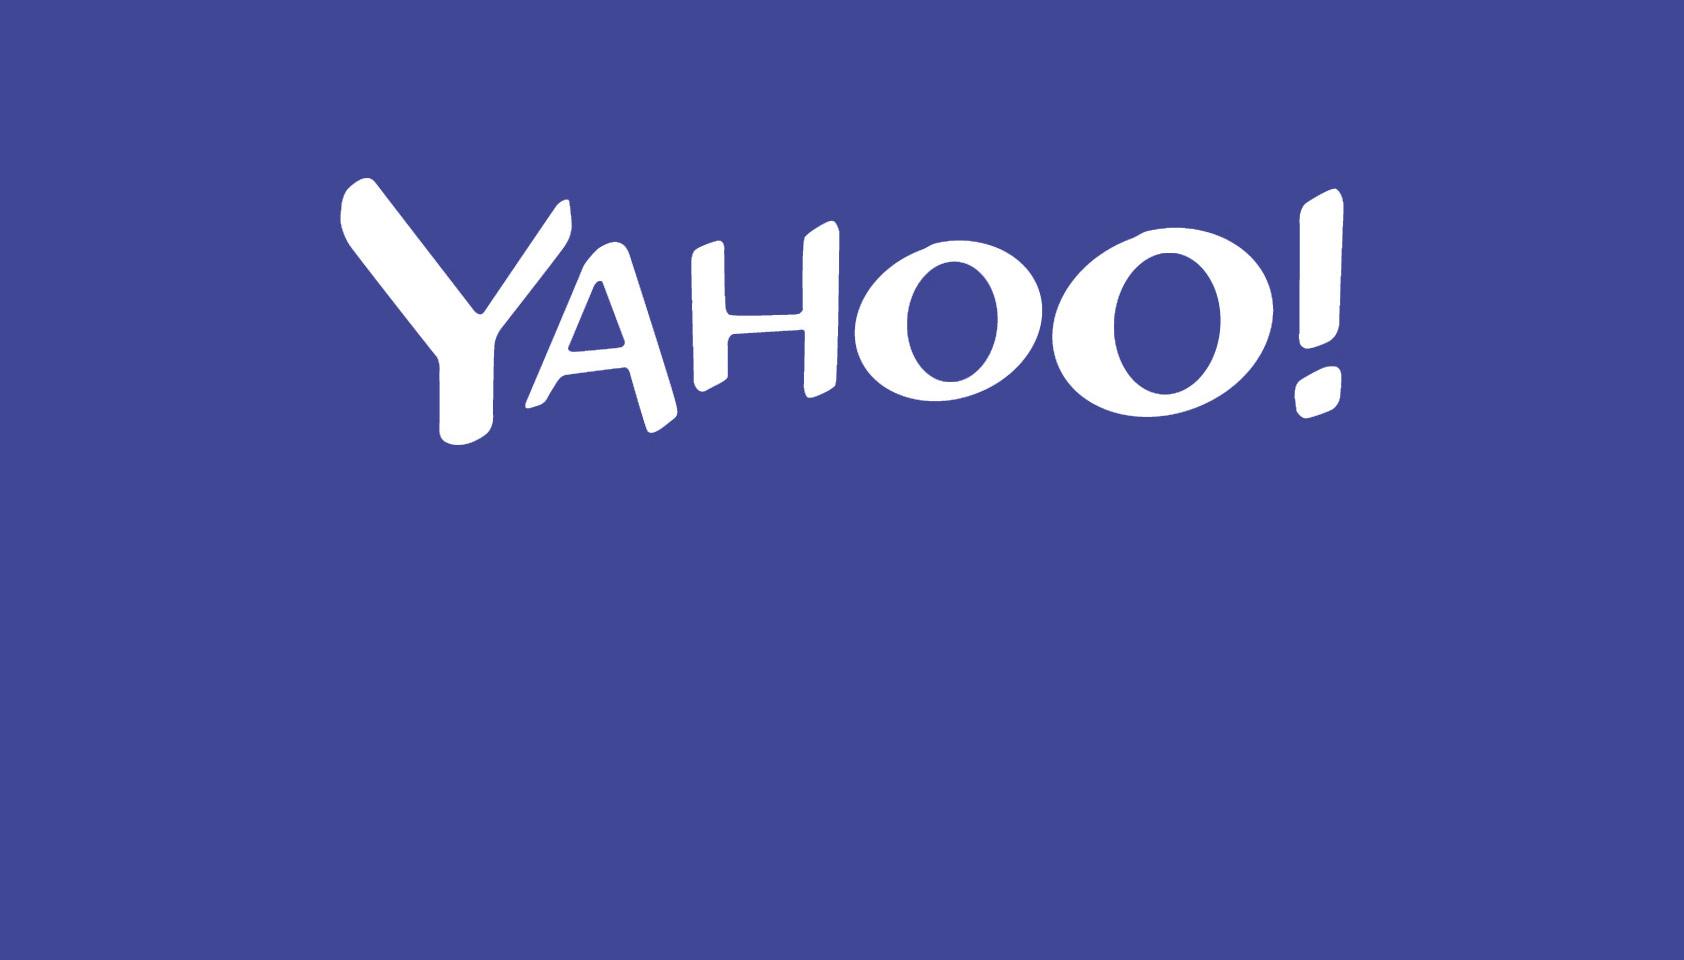 Yahoo considering rebranding?